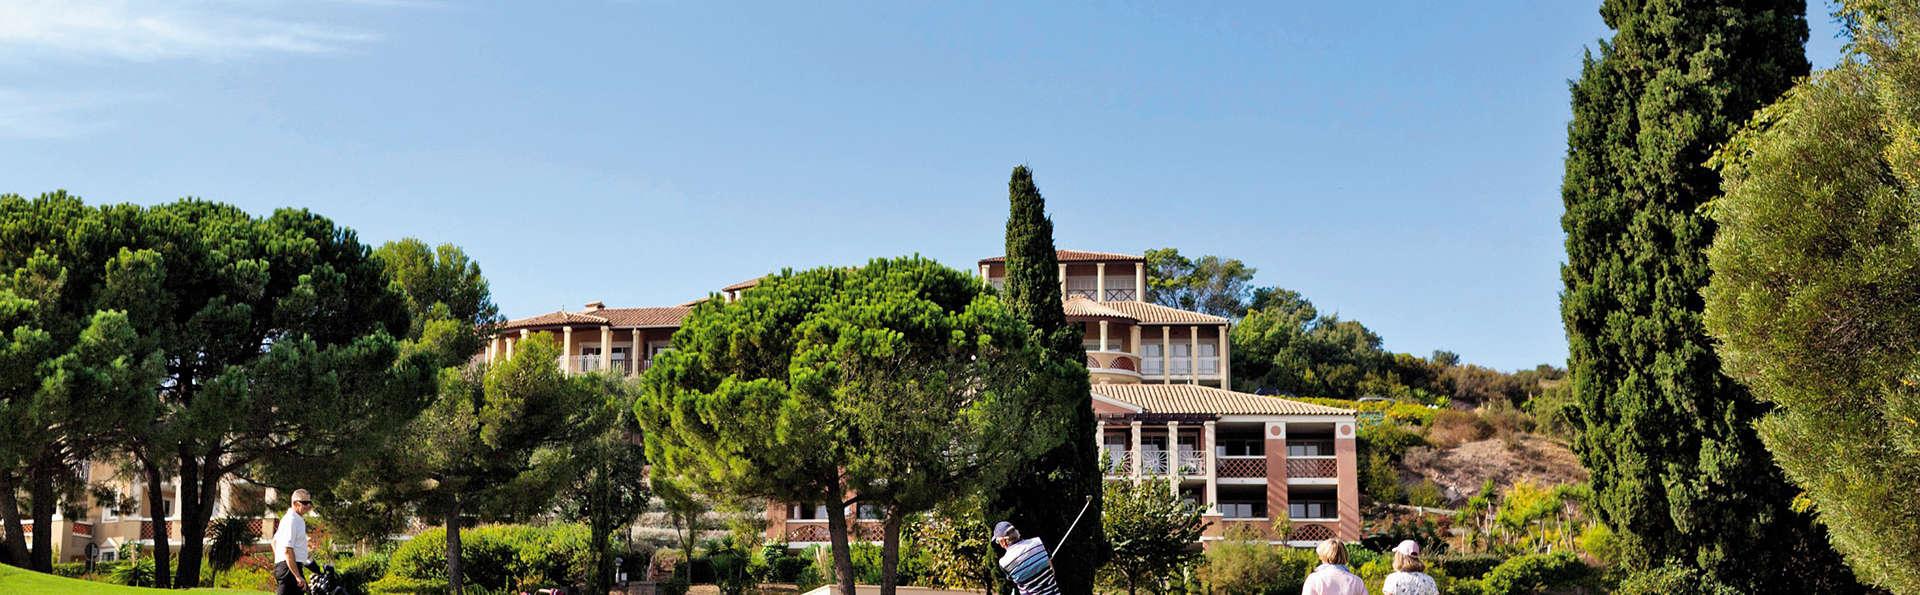 Pierre et Vacances Village Cap Esterel - Edit_golf2.jpg